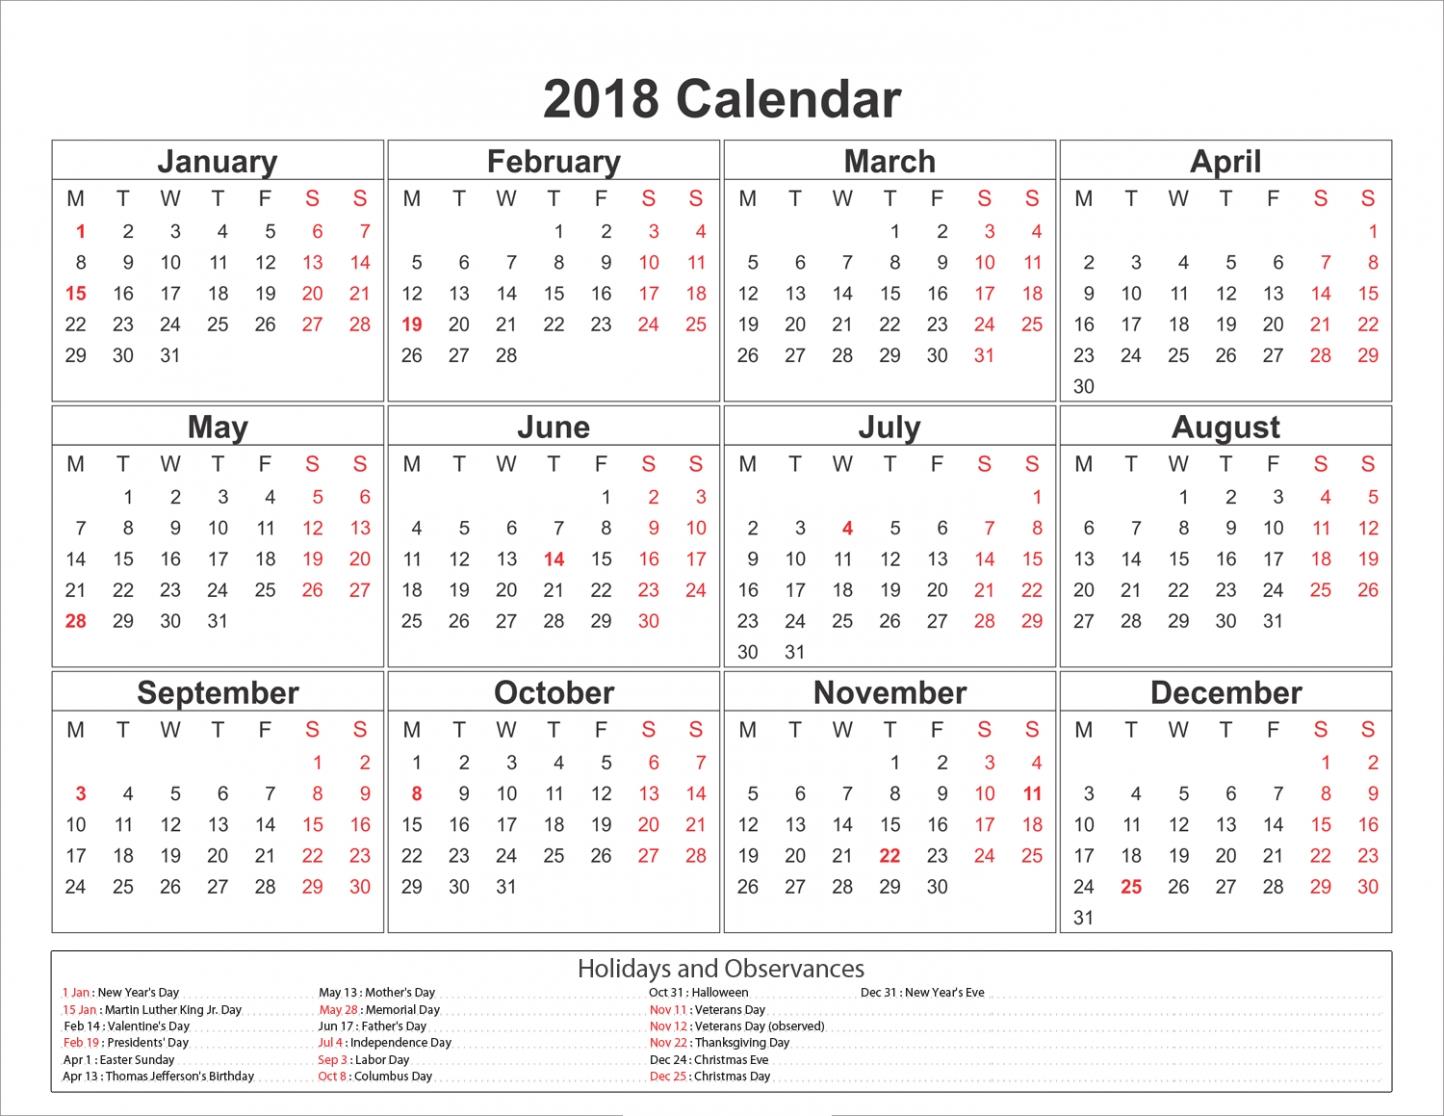 2018 calendar with holidays usa printable yearly calendar 2018 Calendar With Holidays Usa Printable erdferdf